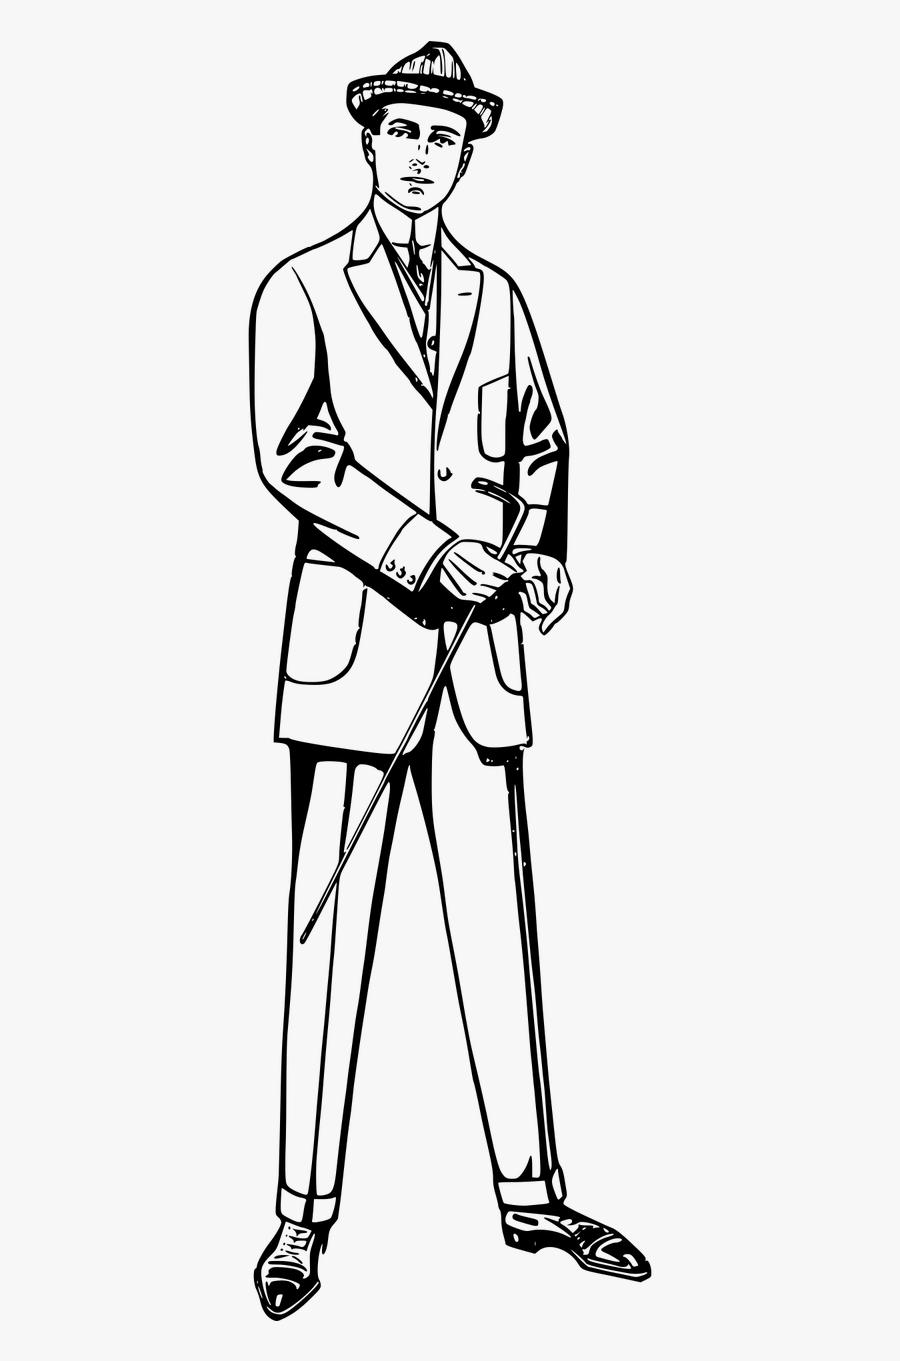 Male Clipart Tall Man.